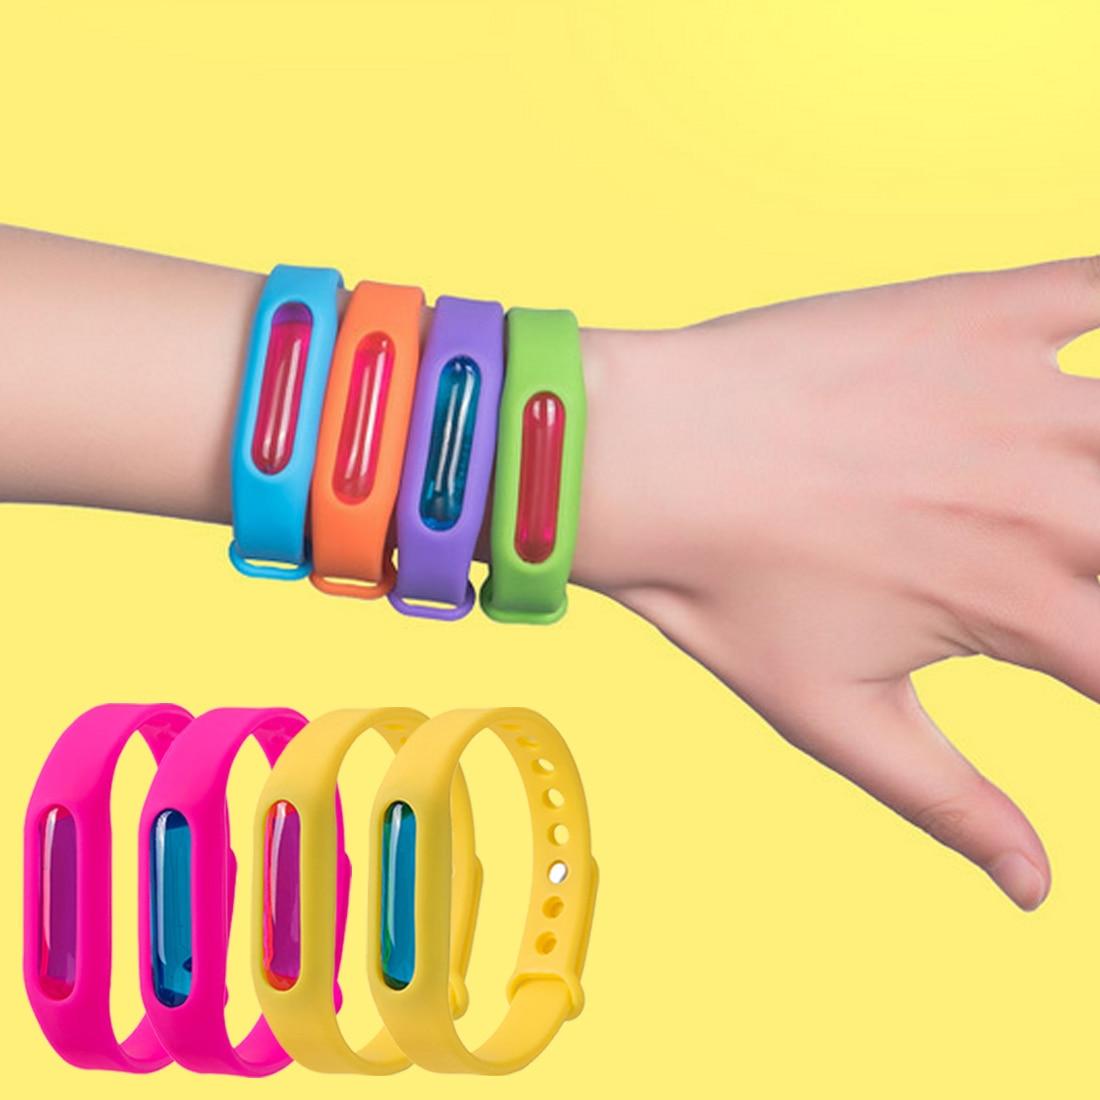 Силиконовый браслет для отпугивания насекомых Wristband в Назрани